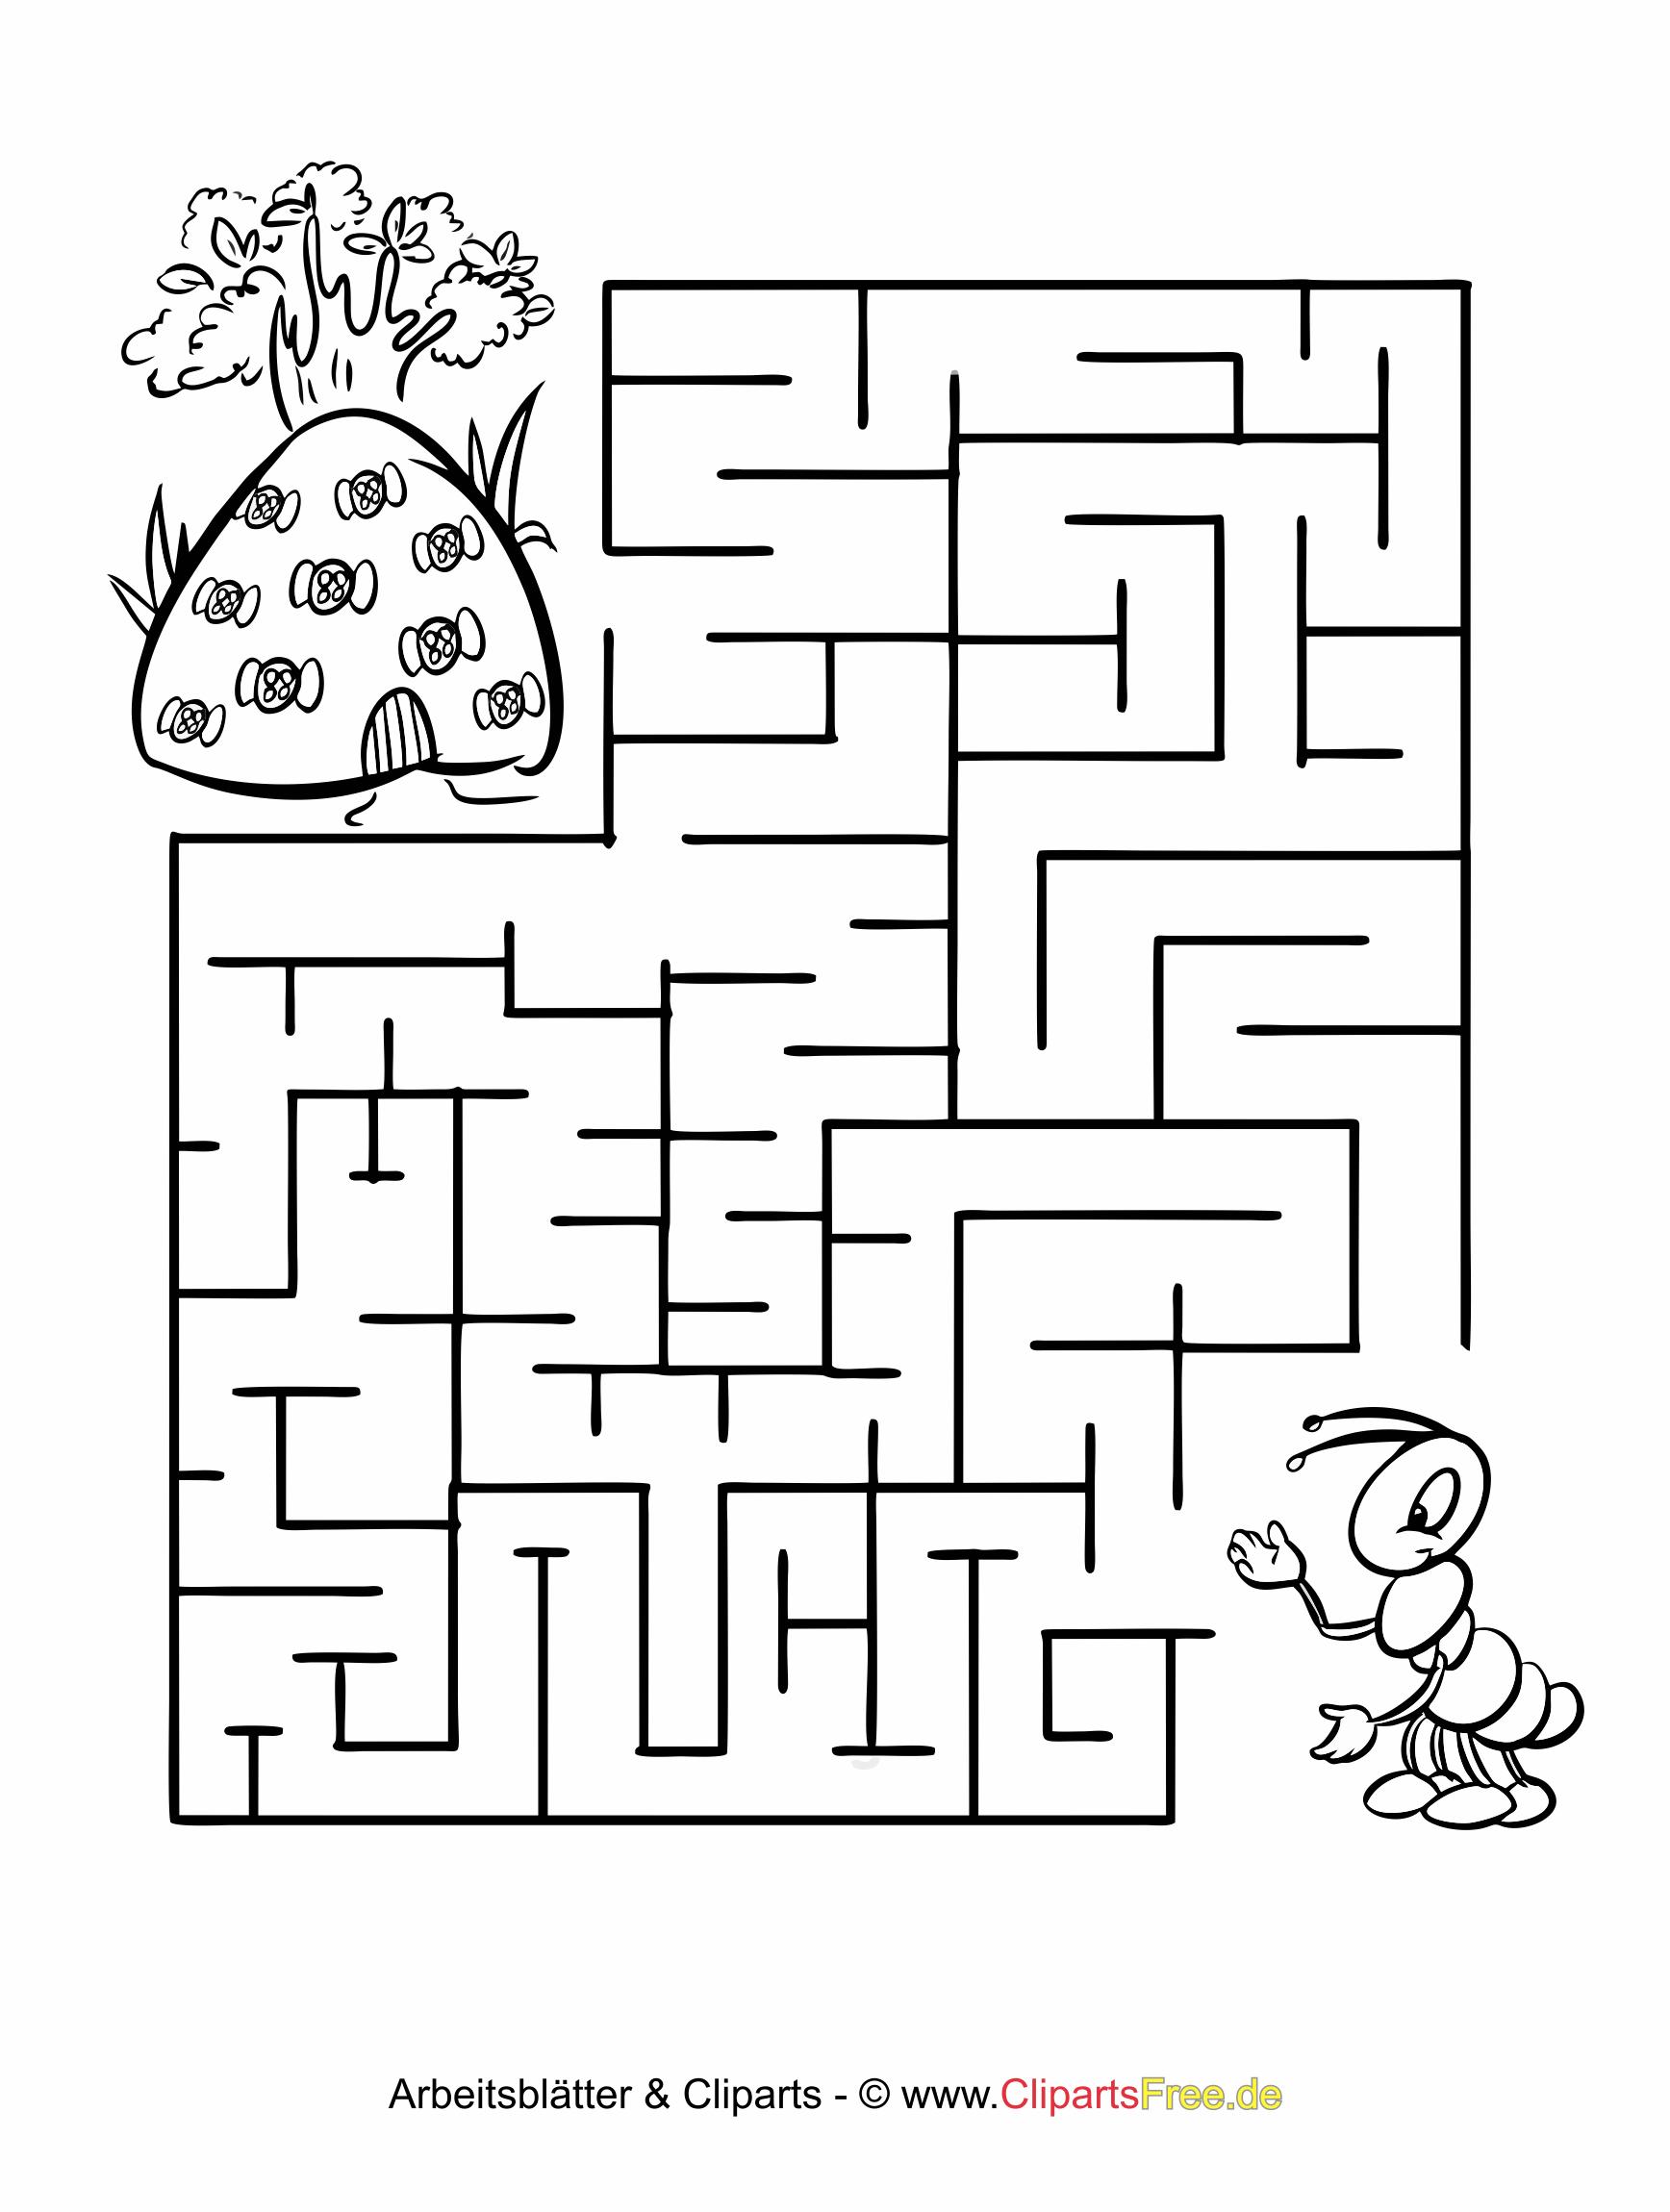 Kostenlos Labyrinth Rätsel Für Kinder für Rätsel Für Kleinkinder Zum Ausdrucken